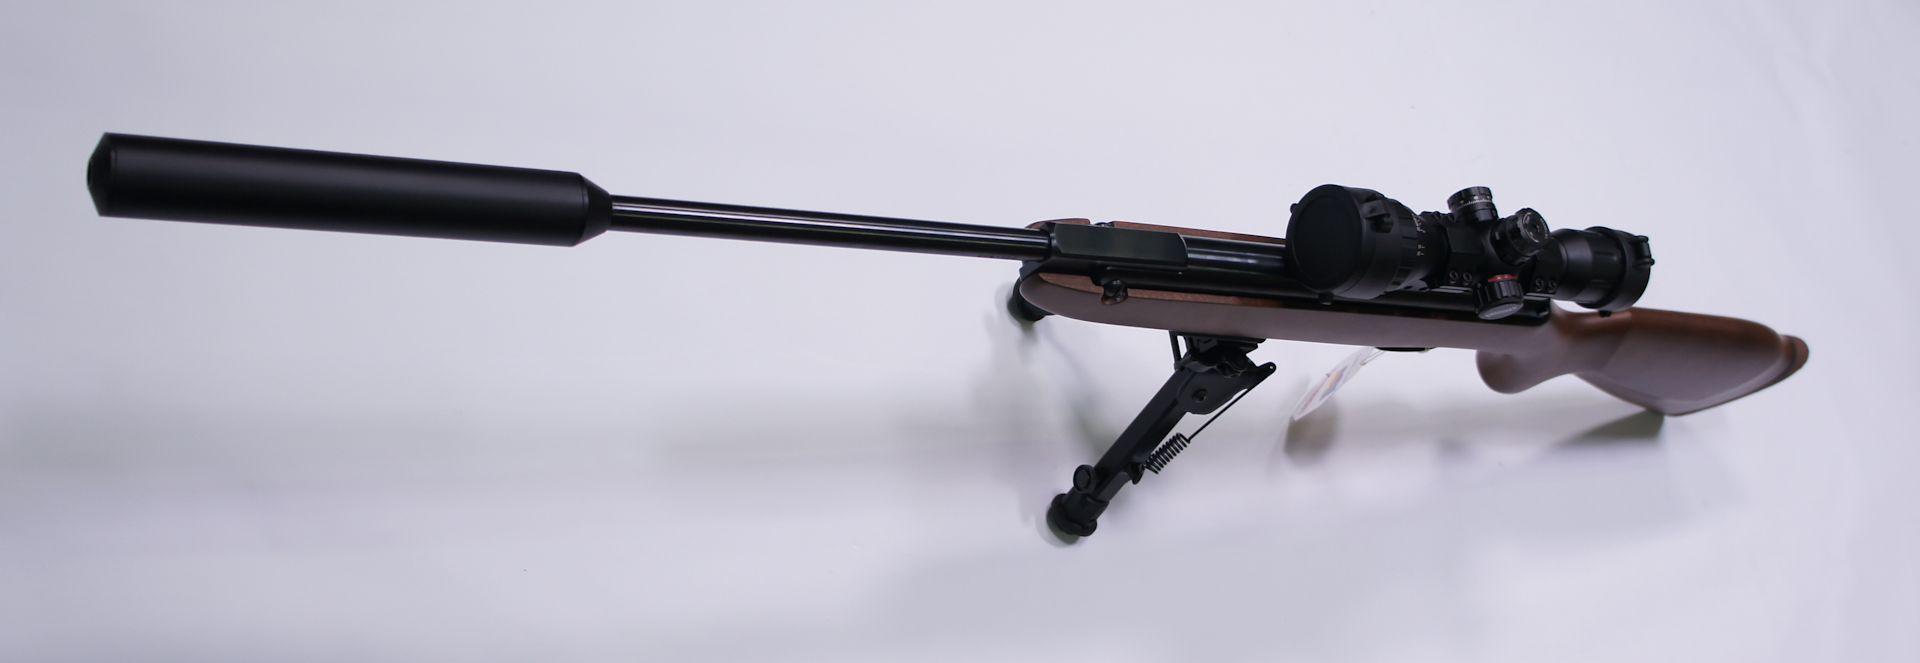 Für die Luftgewehre Modell HW 30 ist neuedings auch <a href=1165790-HW-Set.htm>ein passendes Zweibein</a> im Angebot. Das möchte ich Ihnen gerne anbieten.